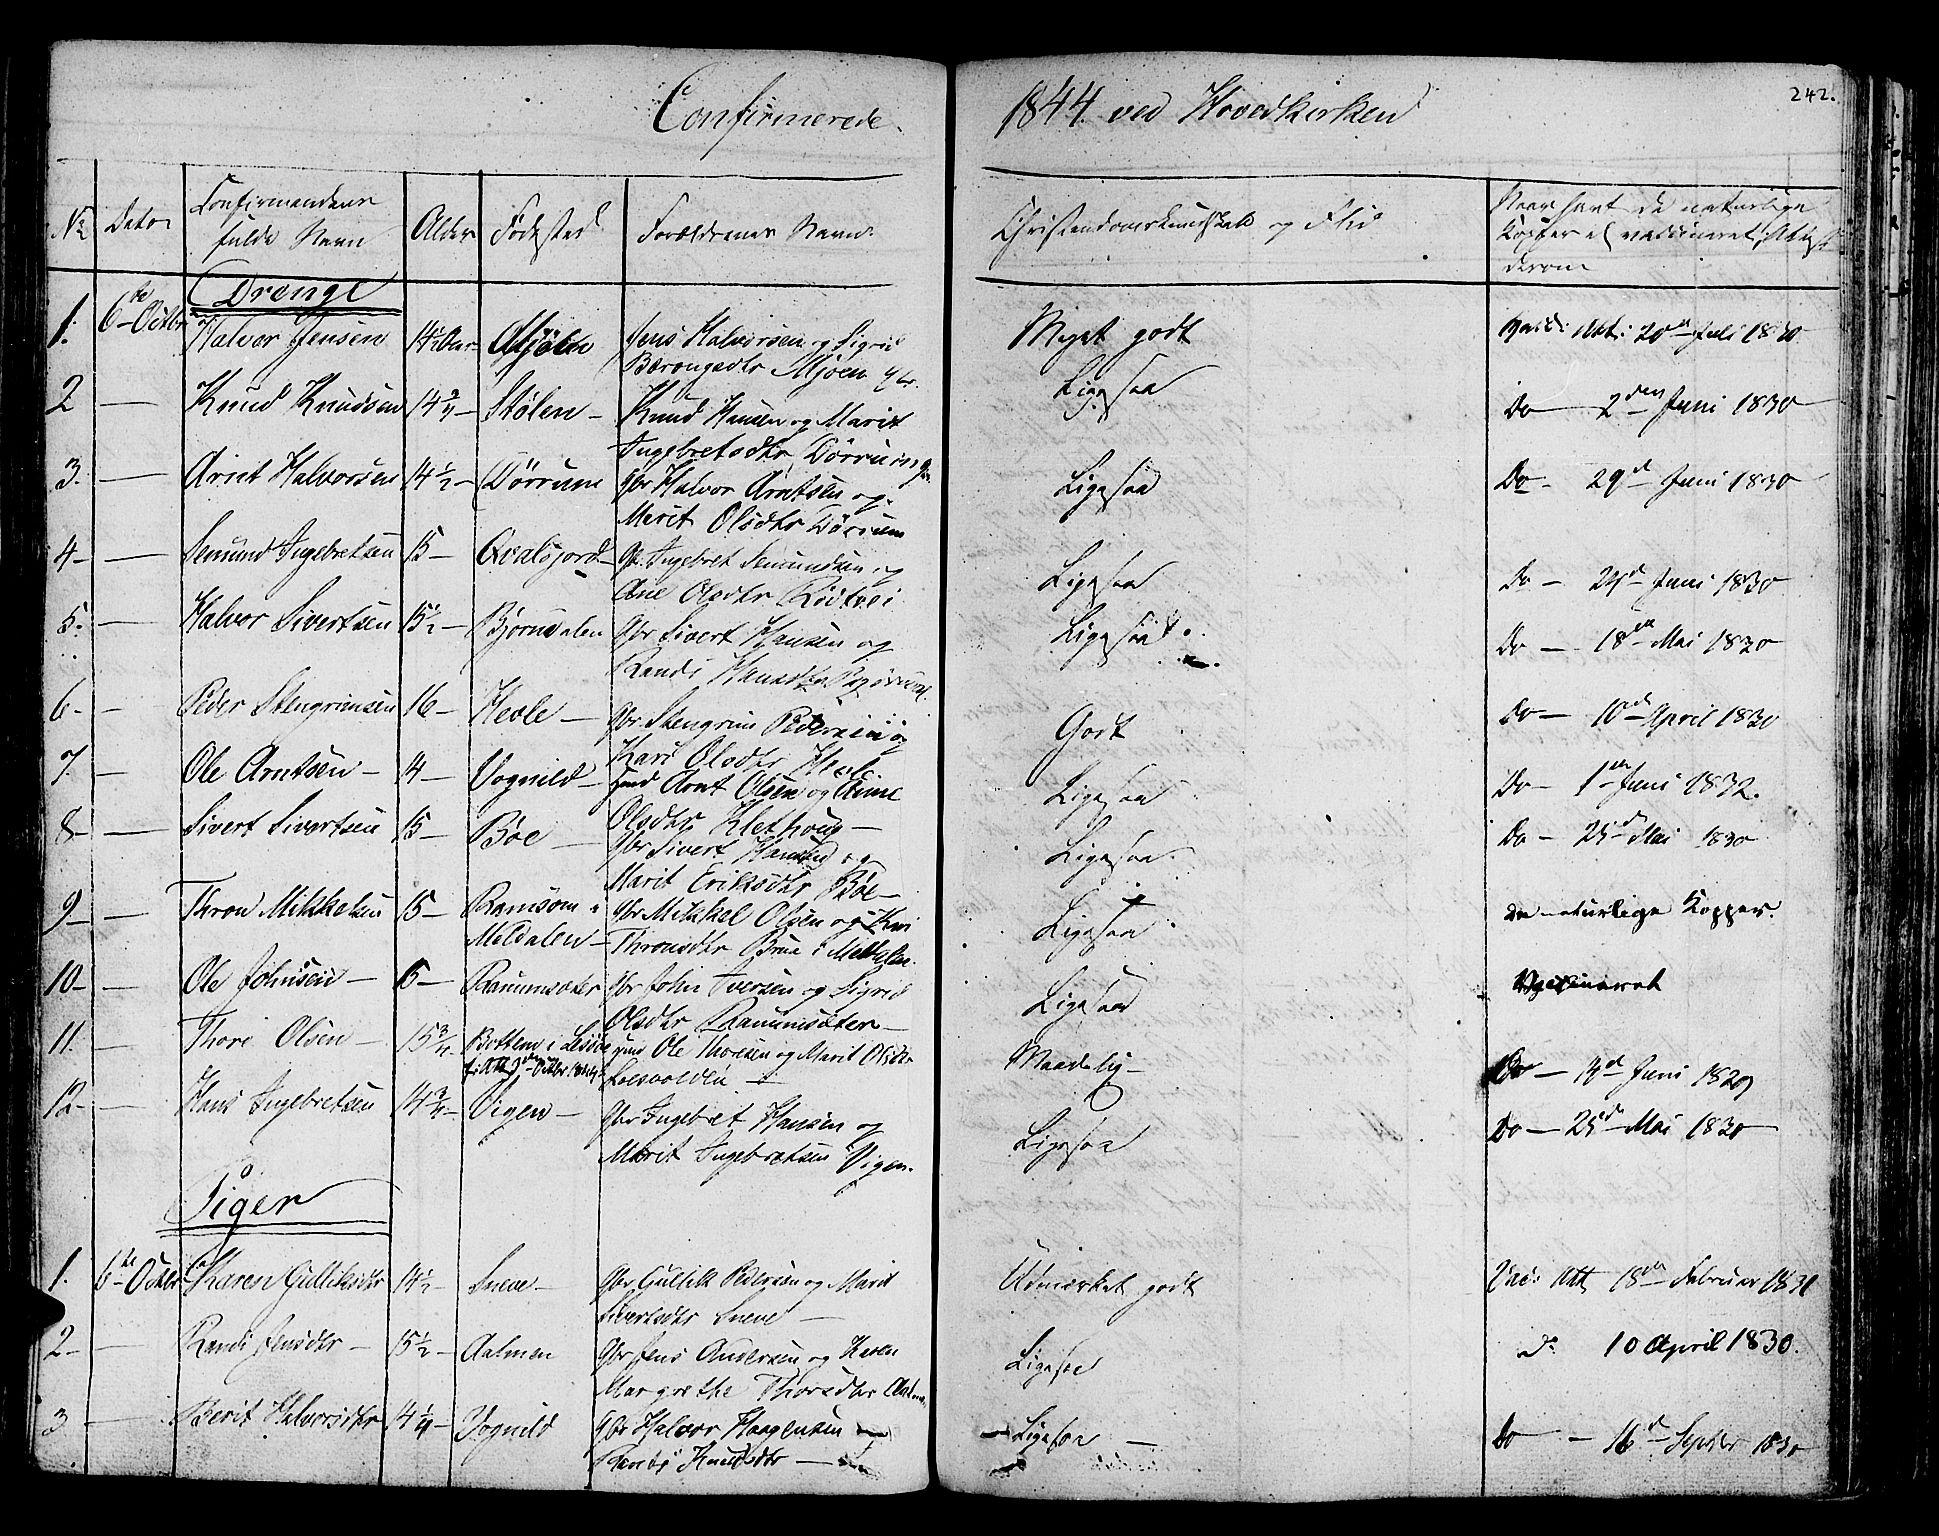 SAT, Ministerialprotokoller, klokkerbøker og fødselsregistre - Sør-Trøndelag, 678/L0897: Ministerialbok nr. 678A06-07, 1821-1847, s. 242